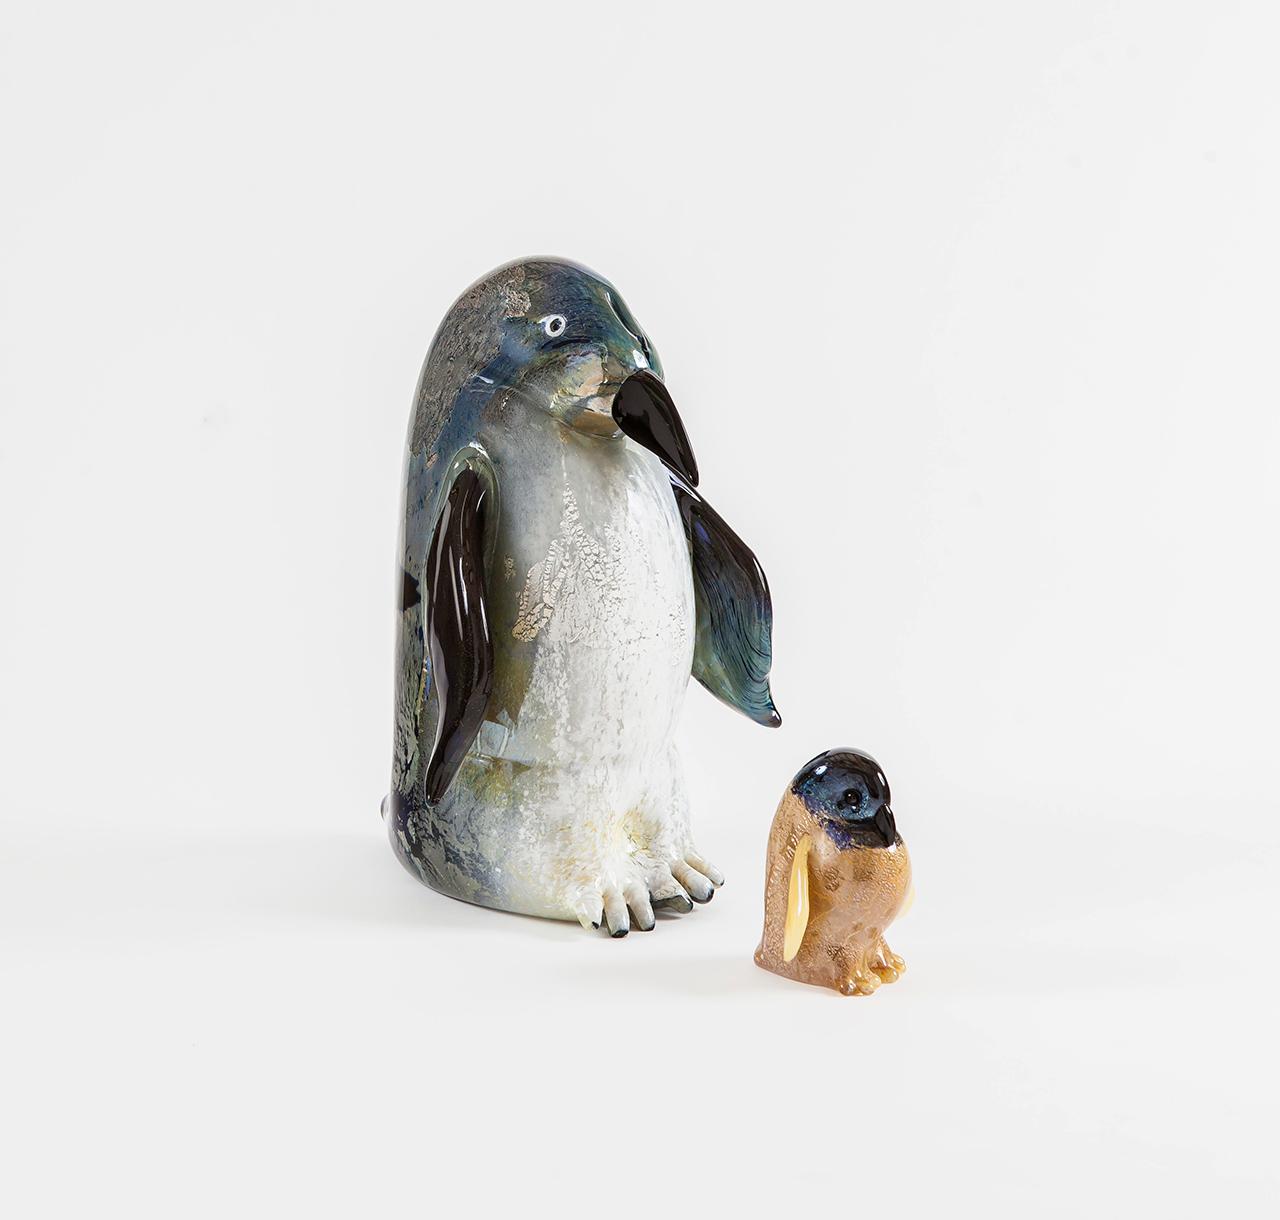 pinguino-vetro-murano-schiavon-3